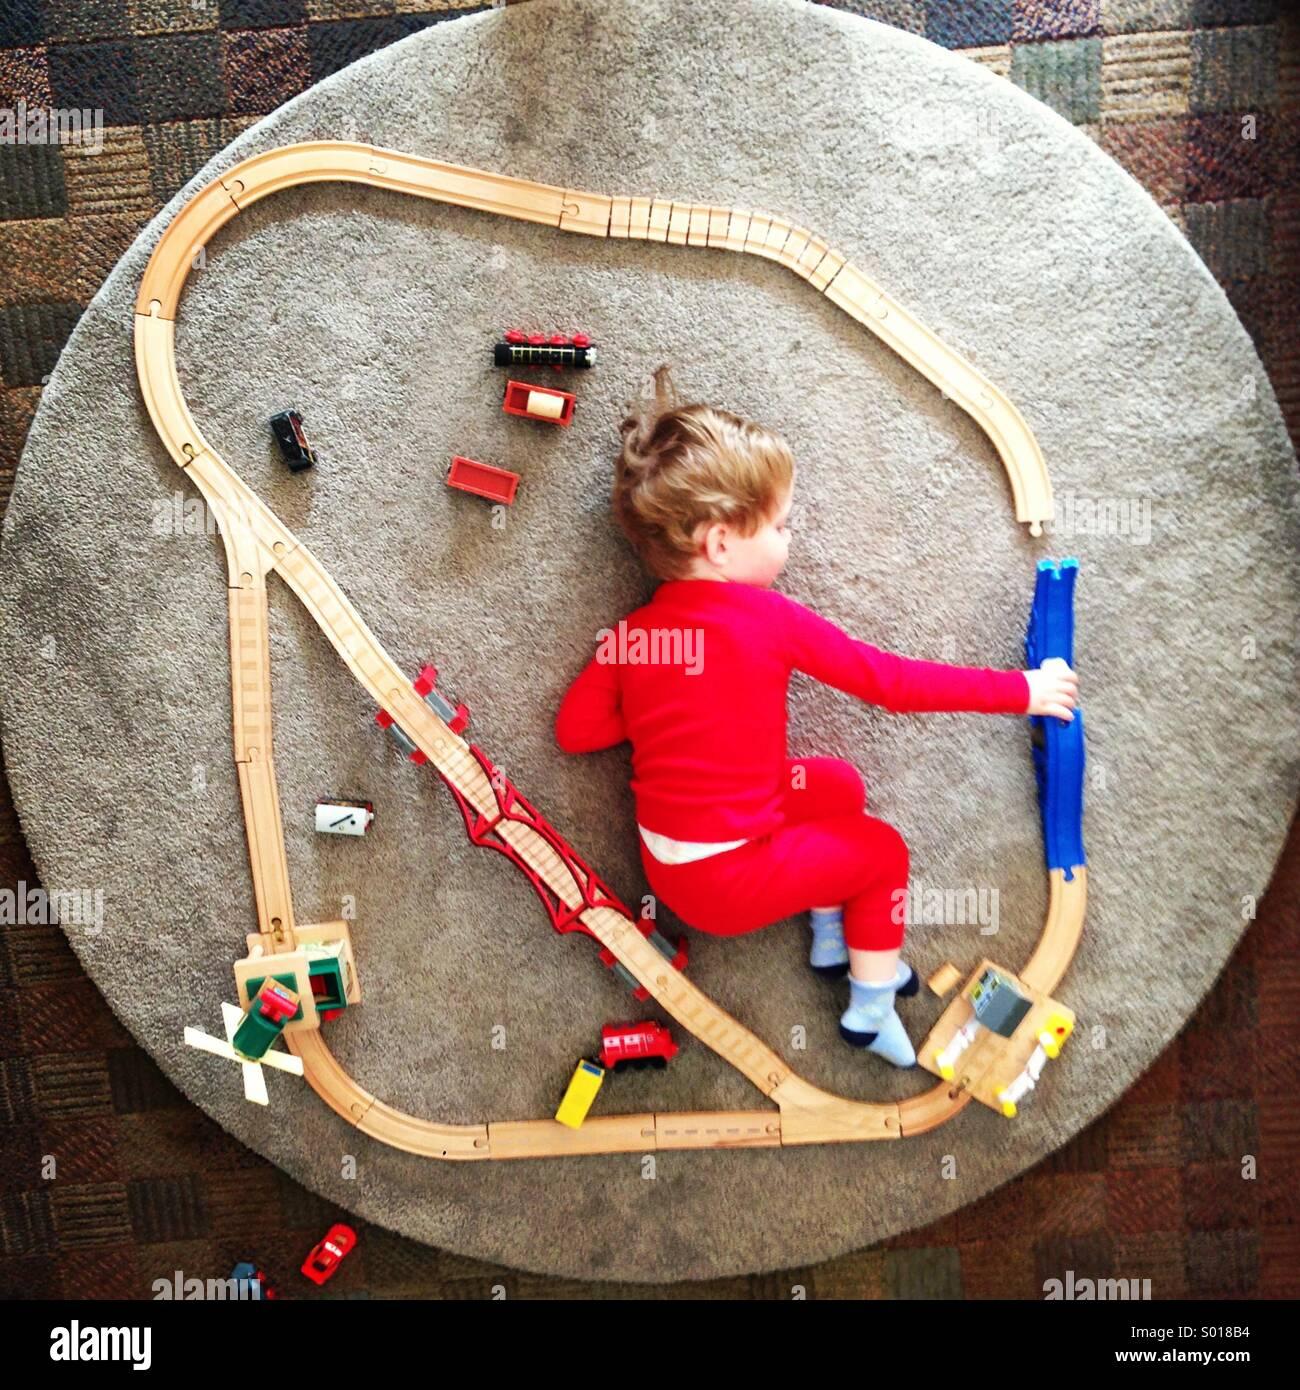 Niño jugando con un tren de juguete vía Imagen De Stock